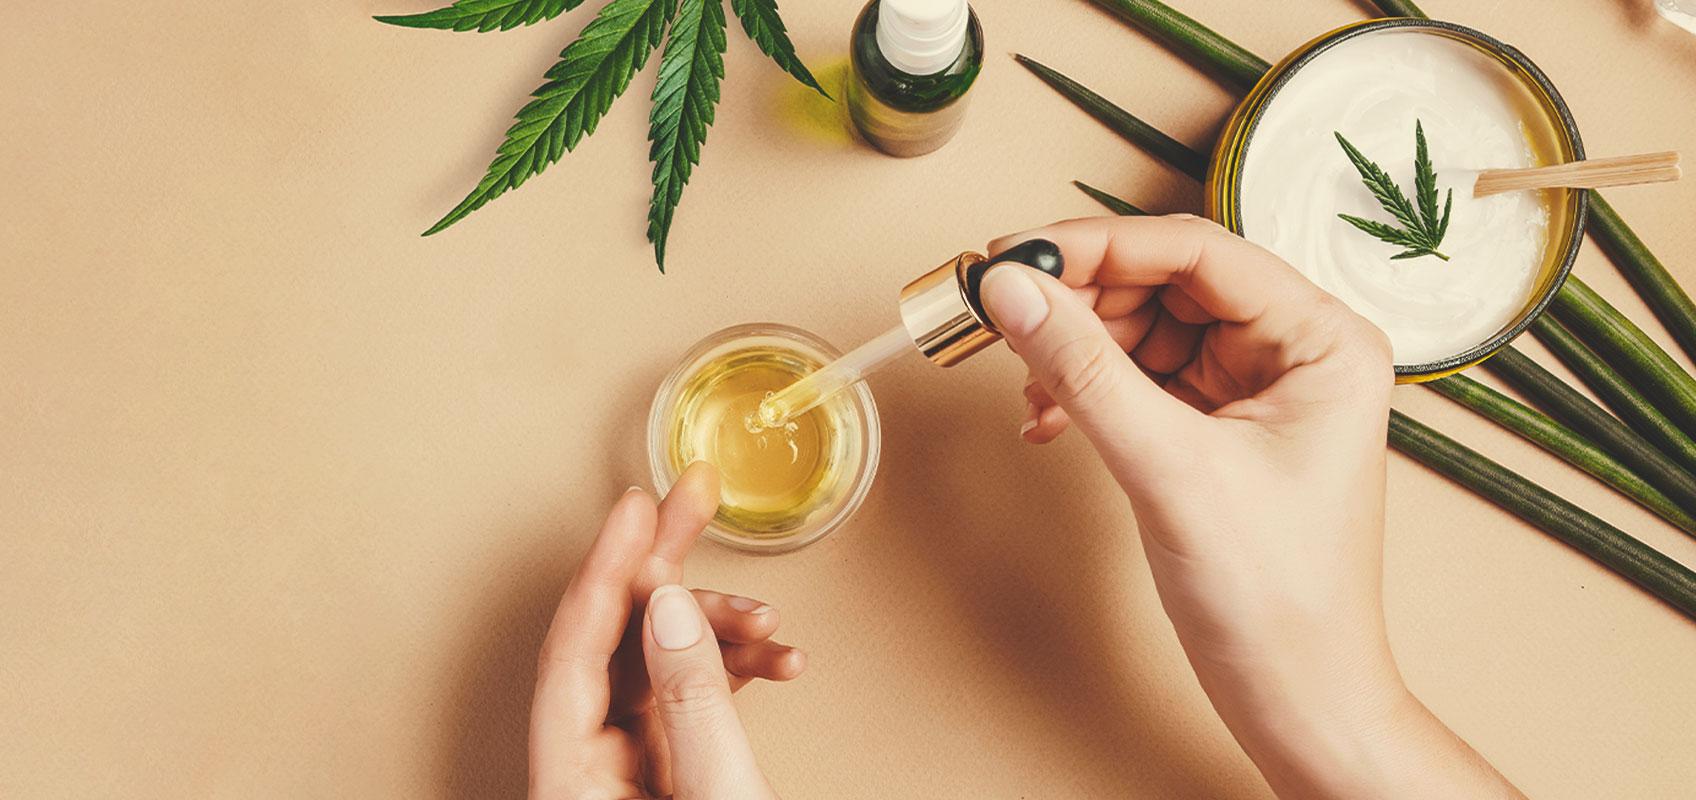 Cum să faci ulei din semințe de canabis medicinal